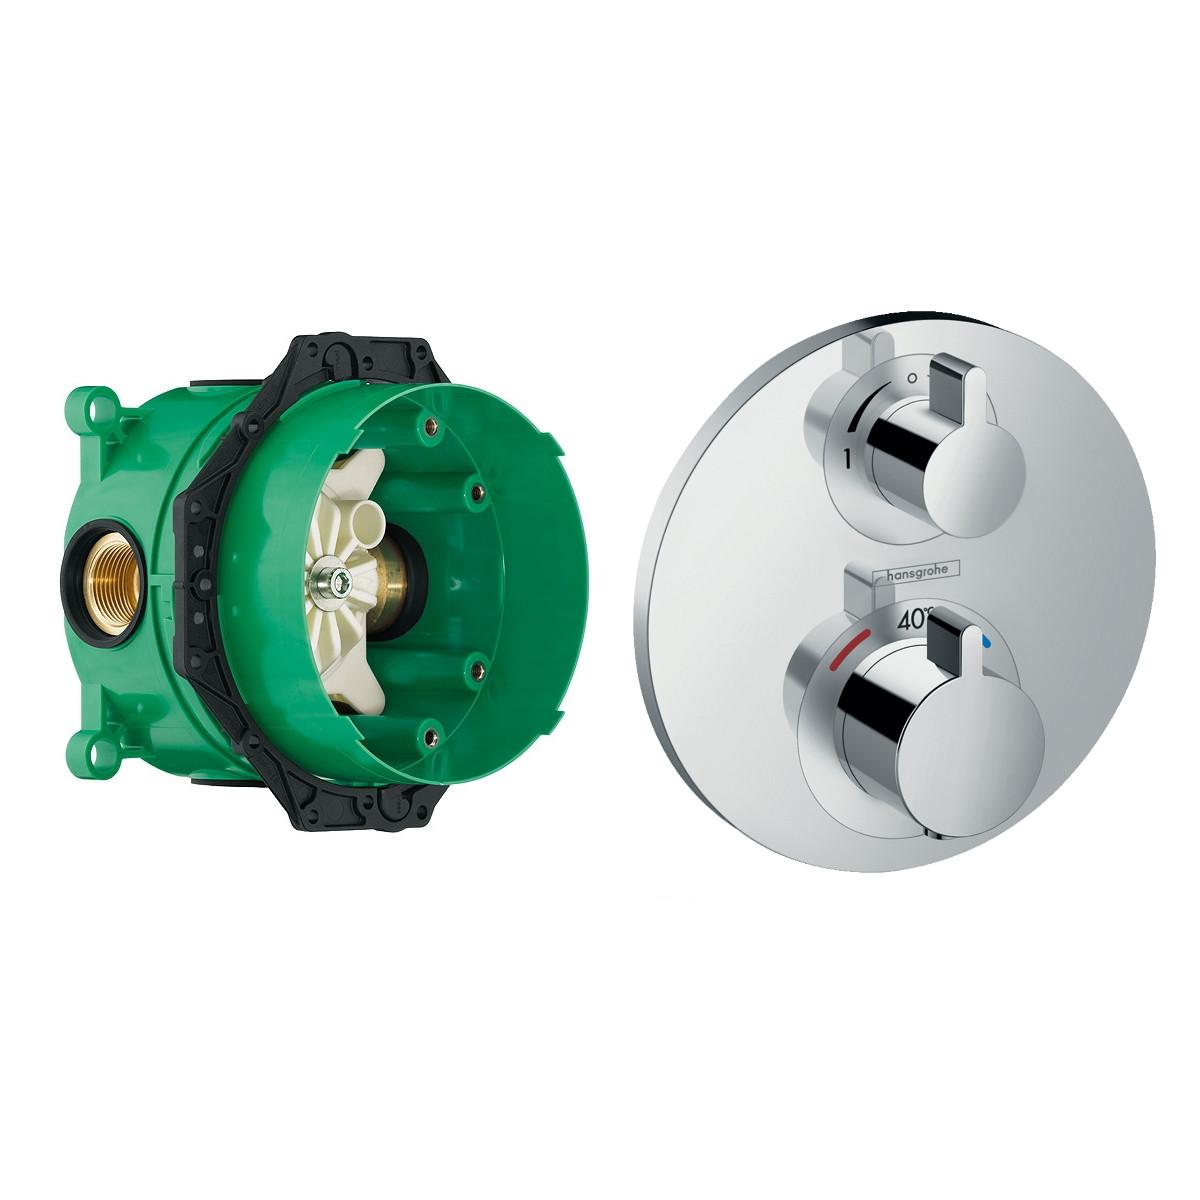 ECOSTAT S термостат с запорным/переключающим вентилем + IBOX universal скрытая часть для смесителя (в подарок)